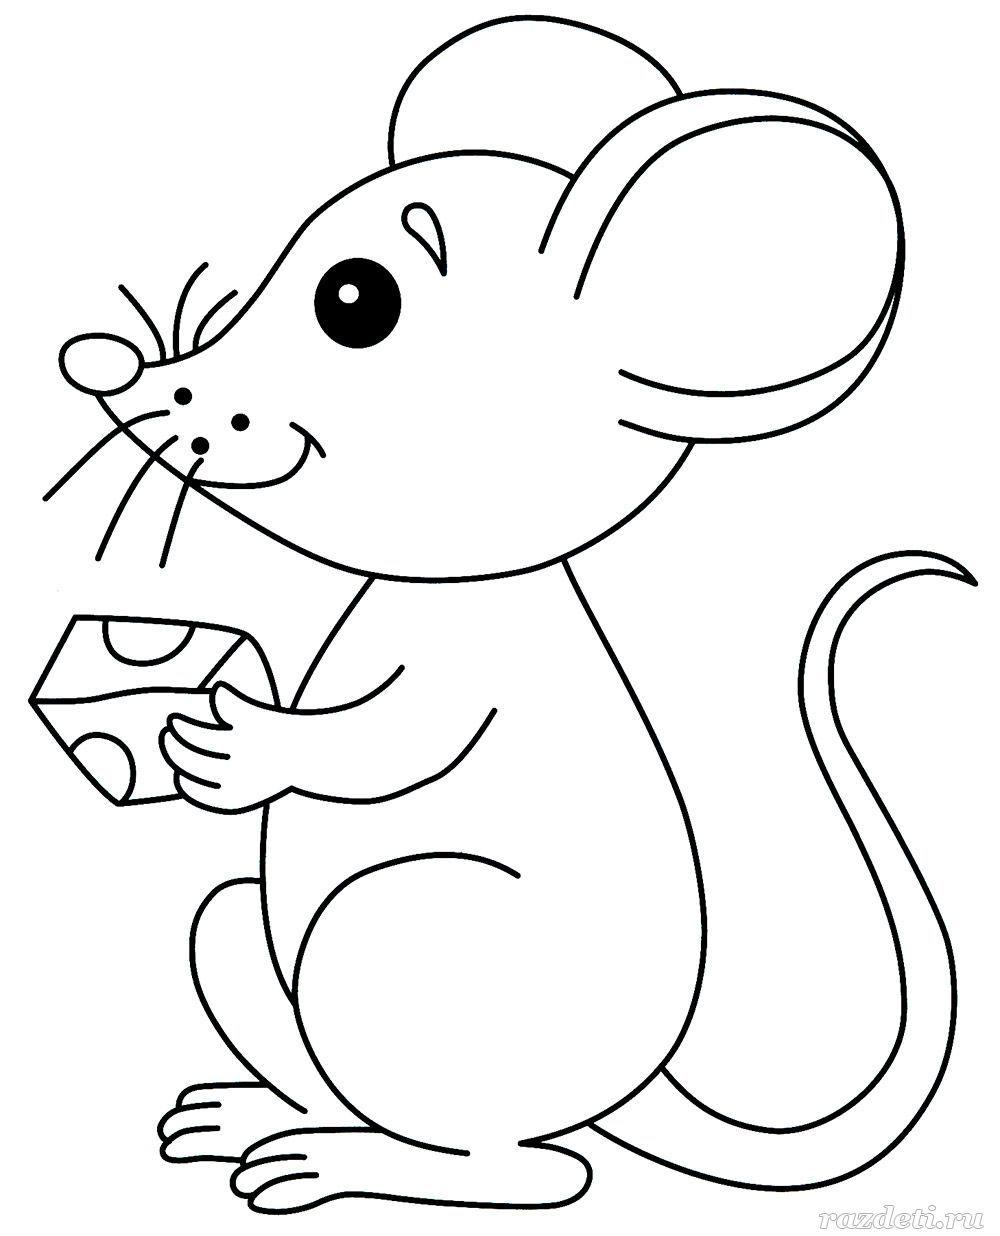 Раскраска Мышка | Раскраски, Рождественские раскраски ...